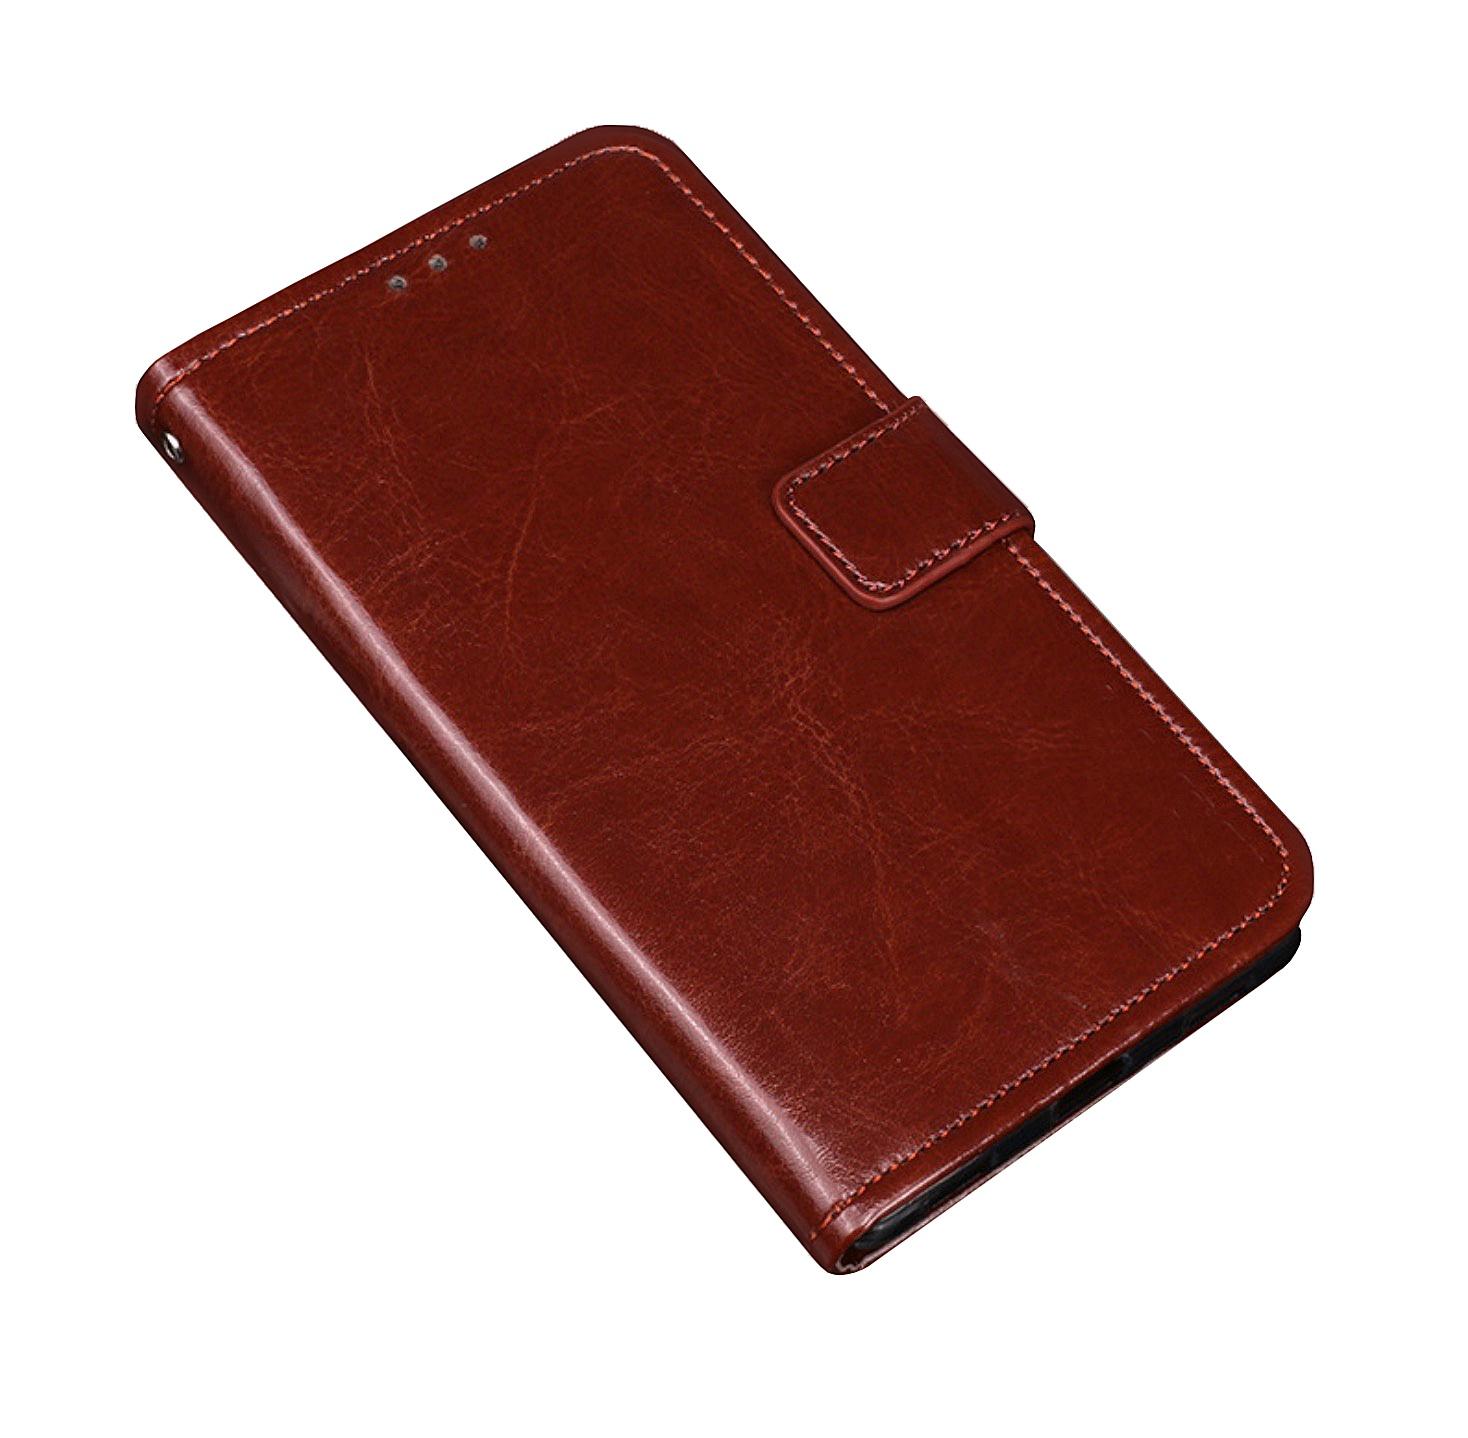 Фирменный чехол-книжка из качественной импортной кожи с мульти-подставкой застёжкой и визитницей для Xiaomi Redmi 6 коричневый MyPads